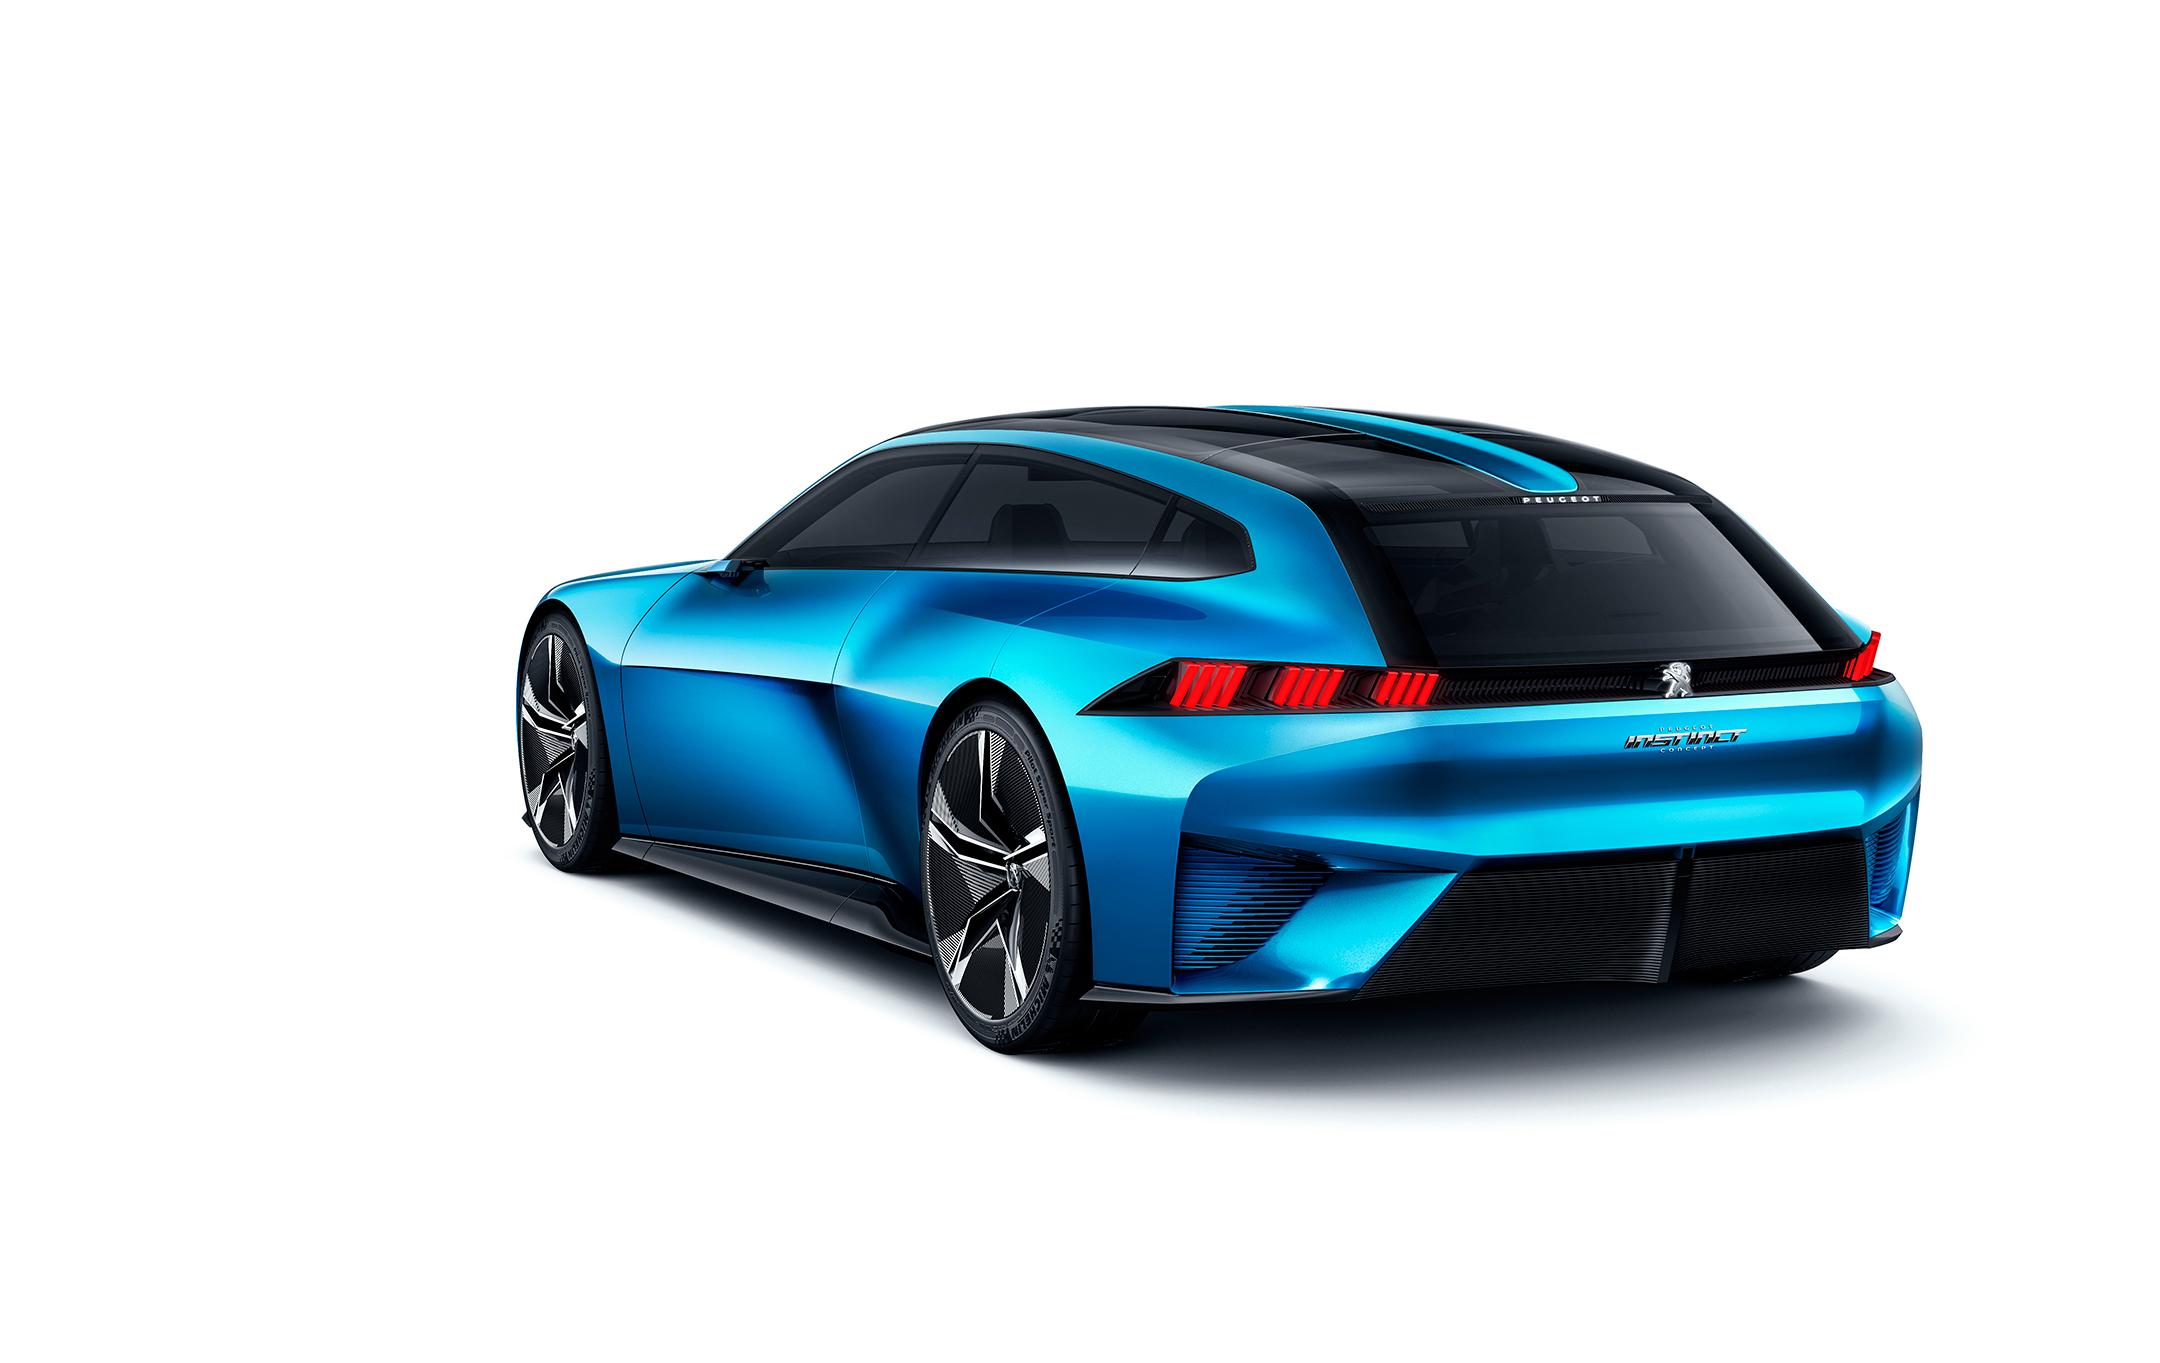 Peugeot Instinct Concept - 2017 - profil arrière / rear side-face